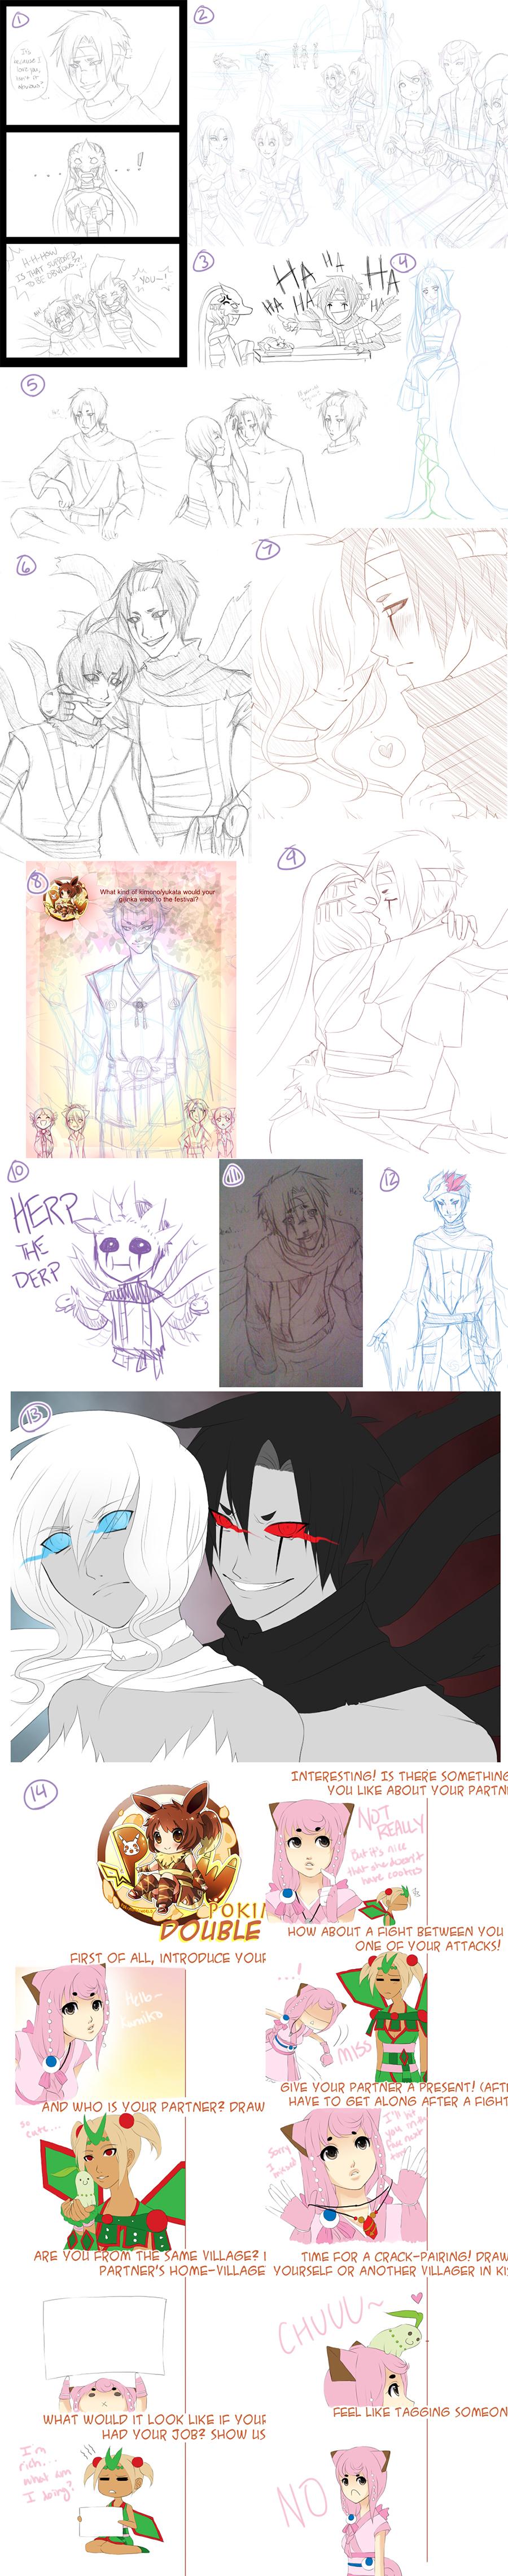 Pokimono Sketch Dump 5 by Firefly-Raye